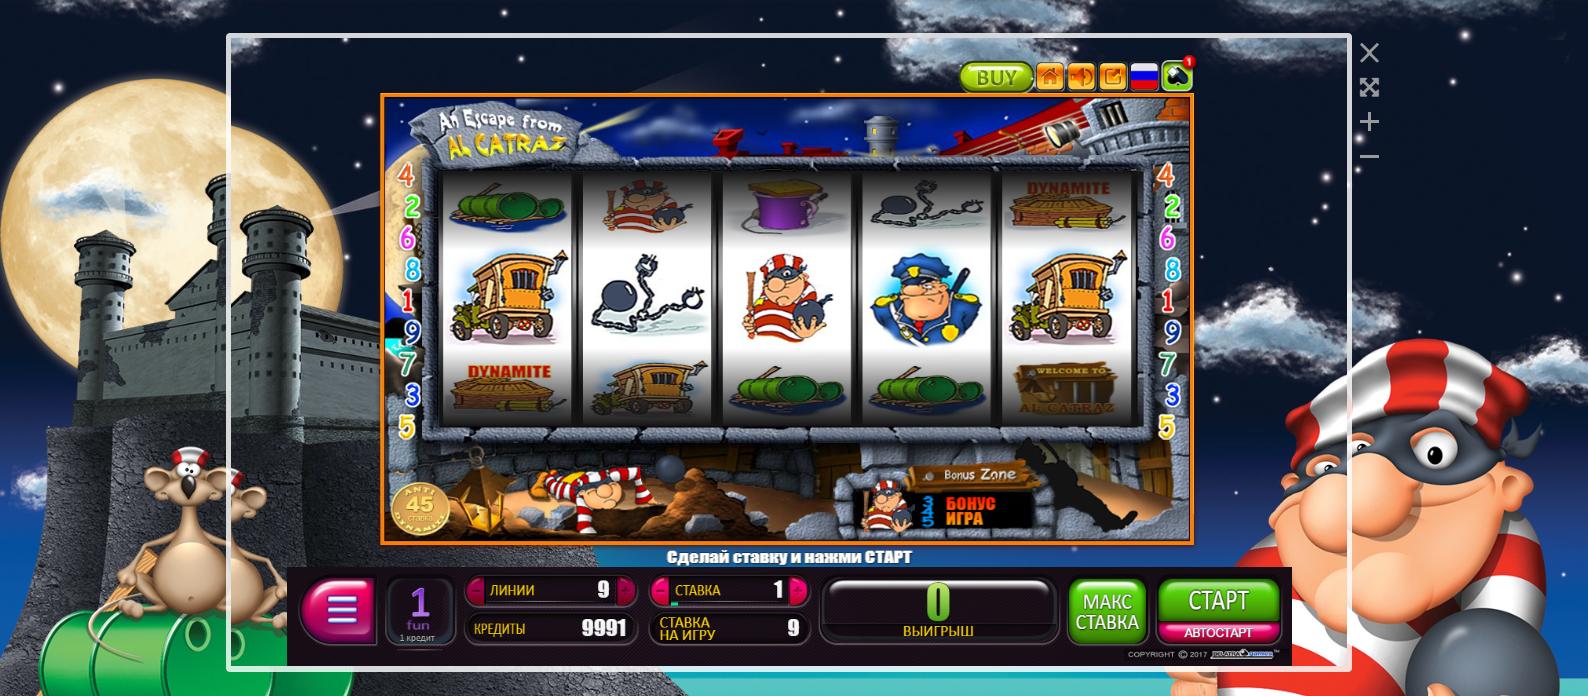 Вулкан Старс - официальный клуб азартных игр